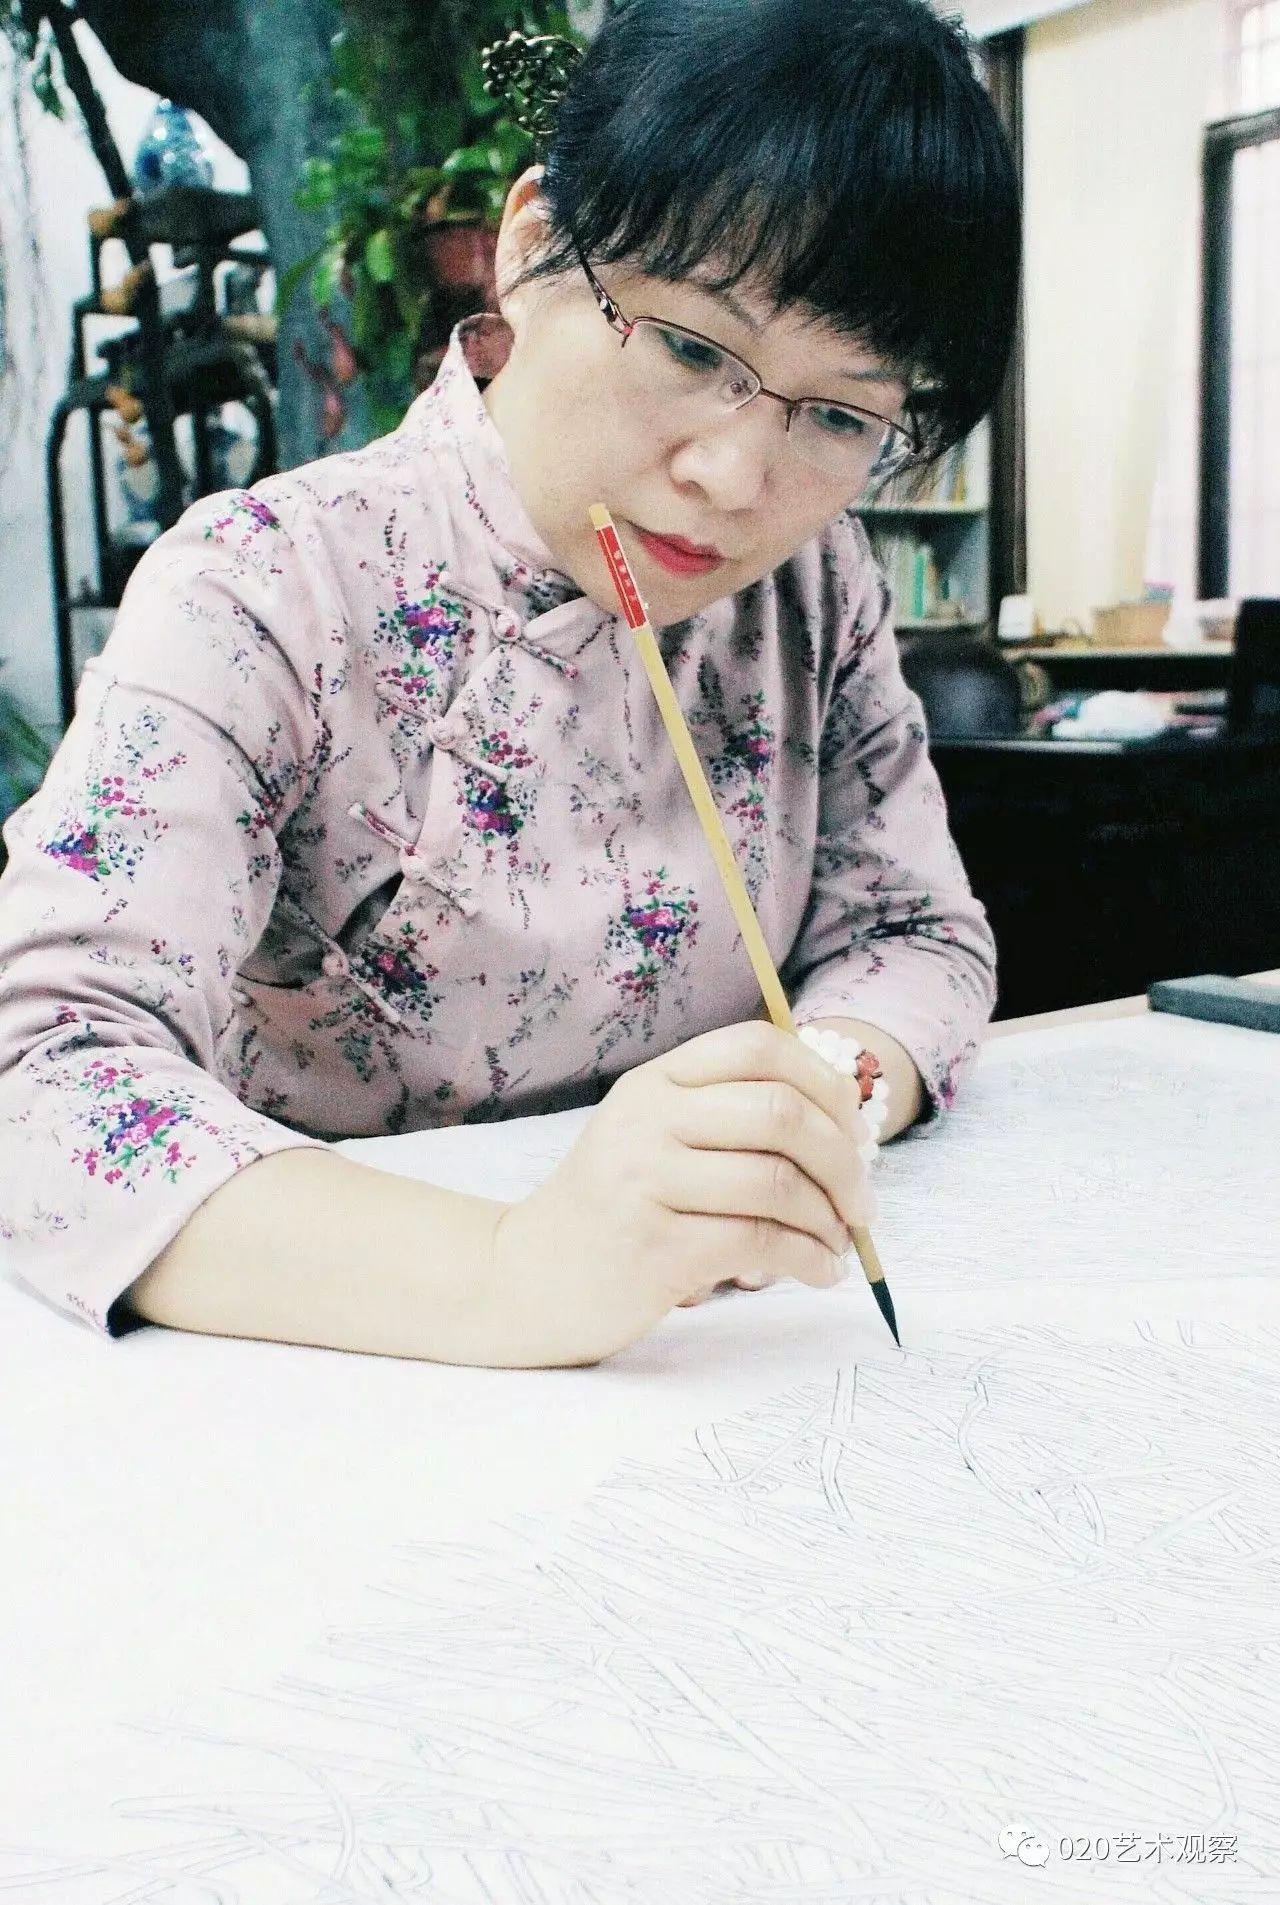 物以承移 林顺文 钟银安 易少英中国画作品展9月17日15 30鹤山市千里马美术馆开幕